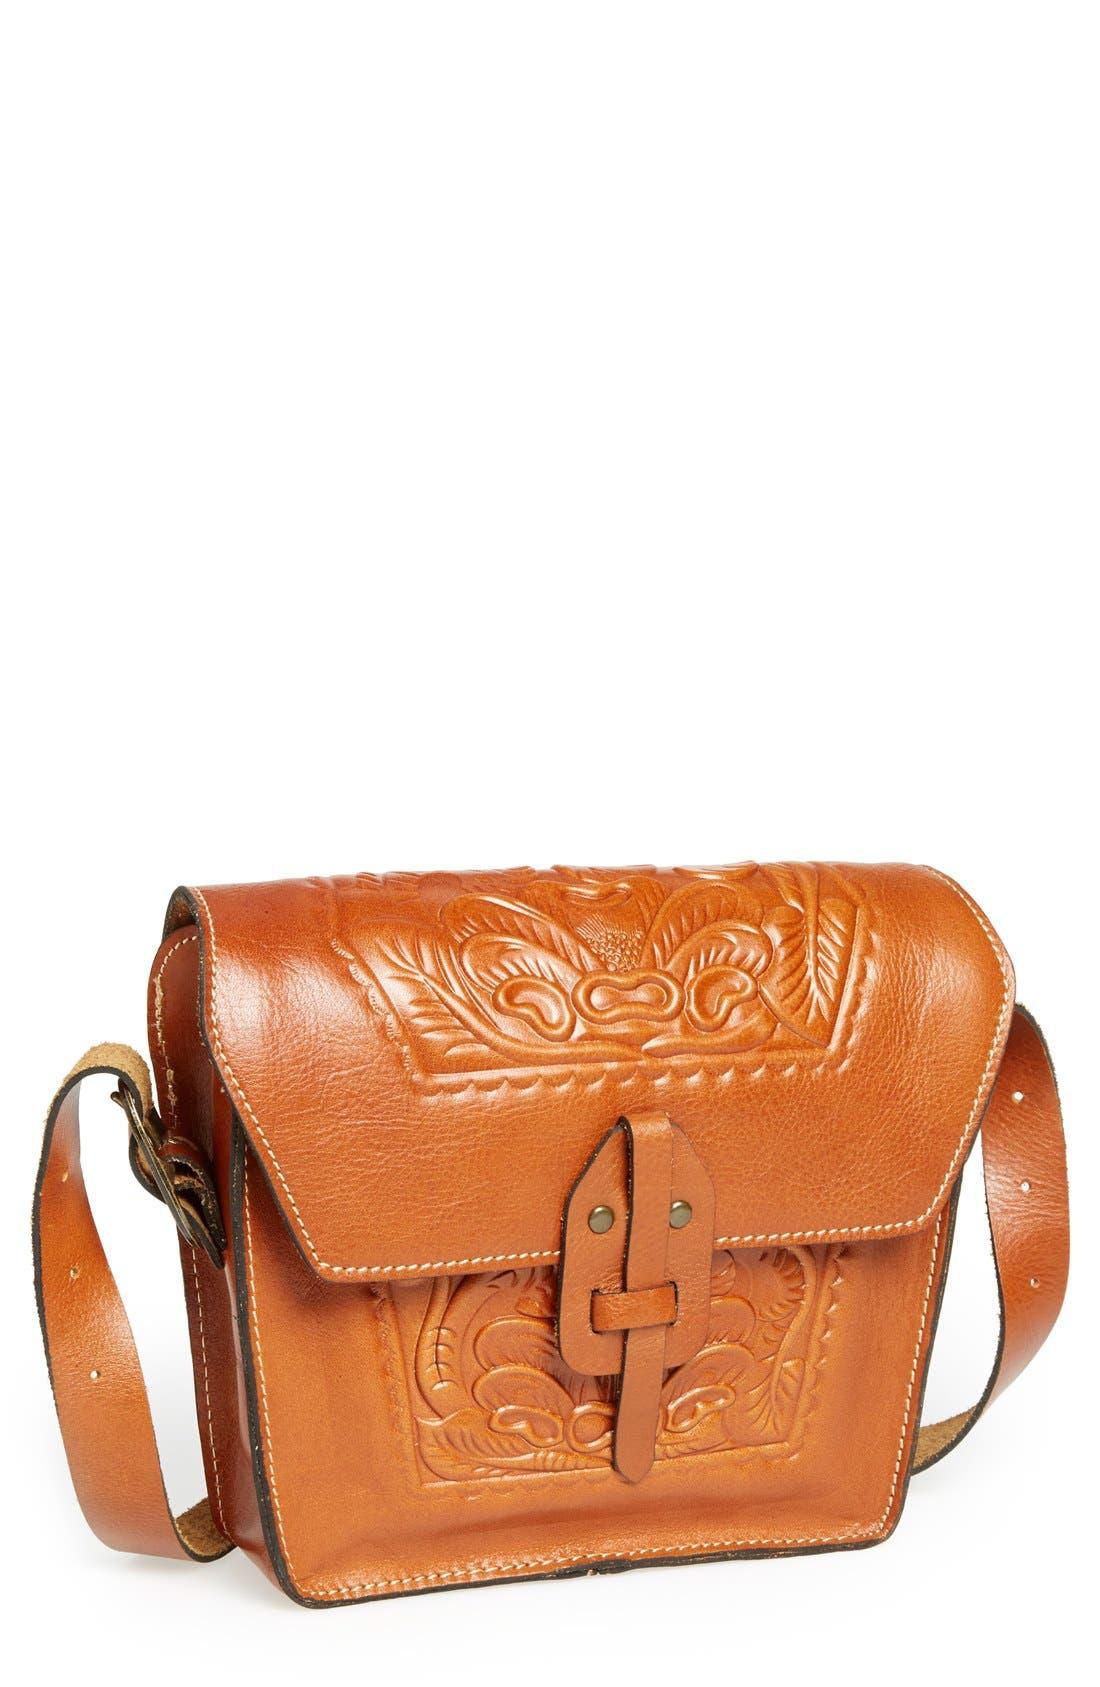 Alternate Image 1 Selected - Patricia Nash 'Marciana' Shoulder Bag